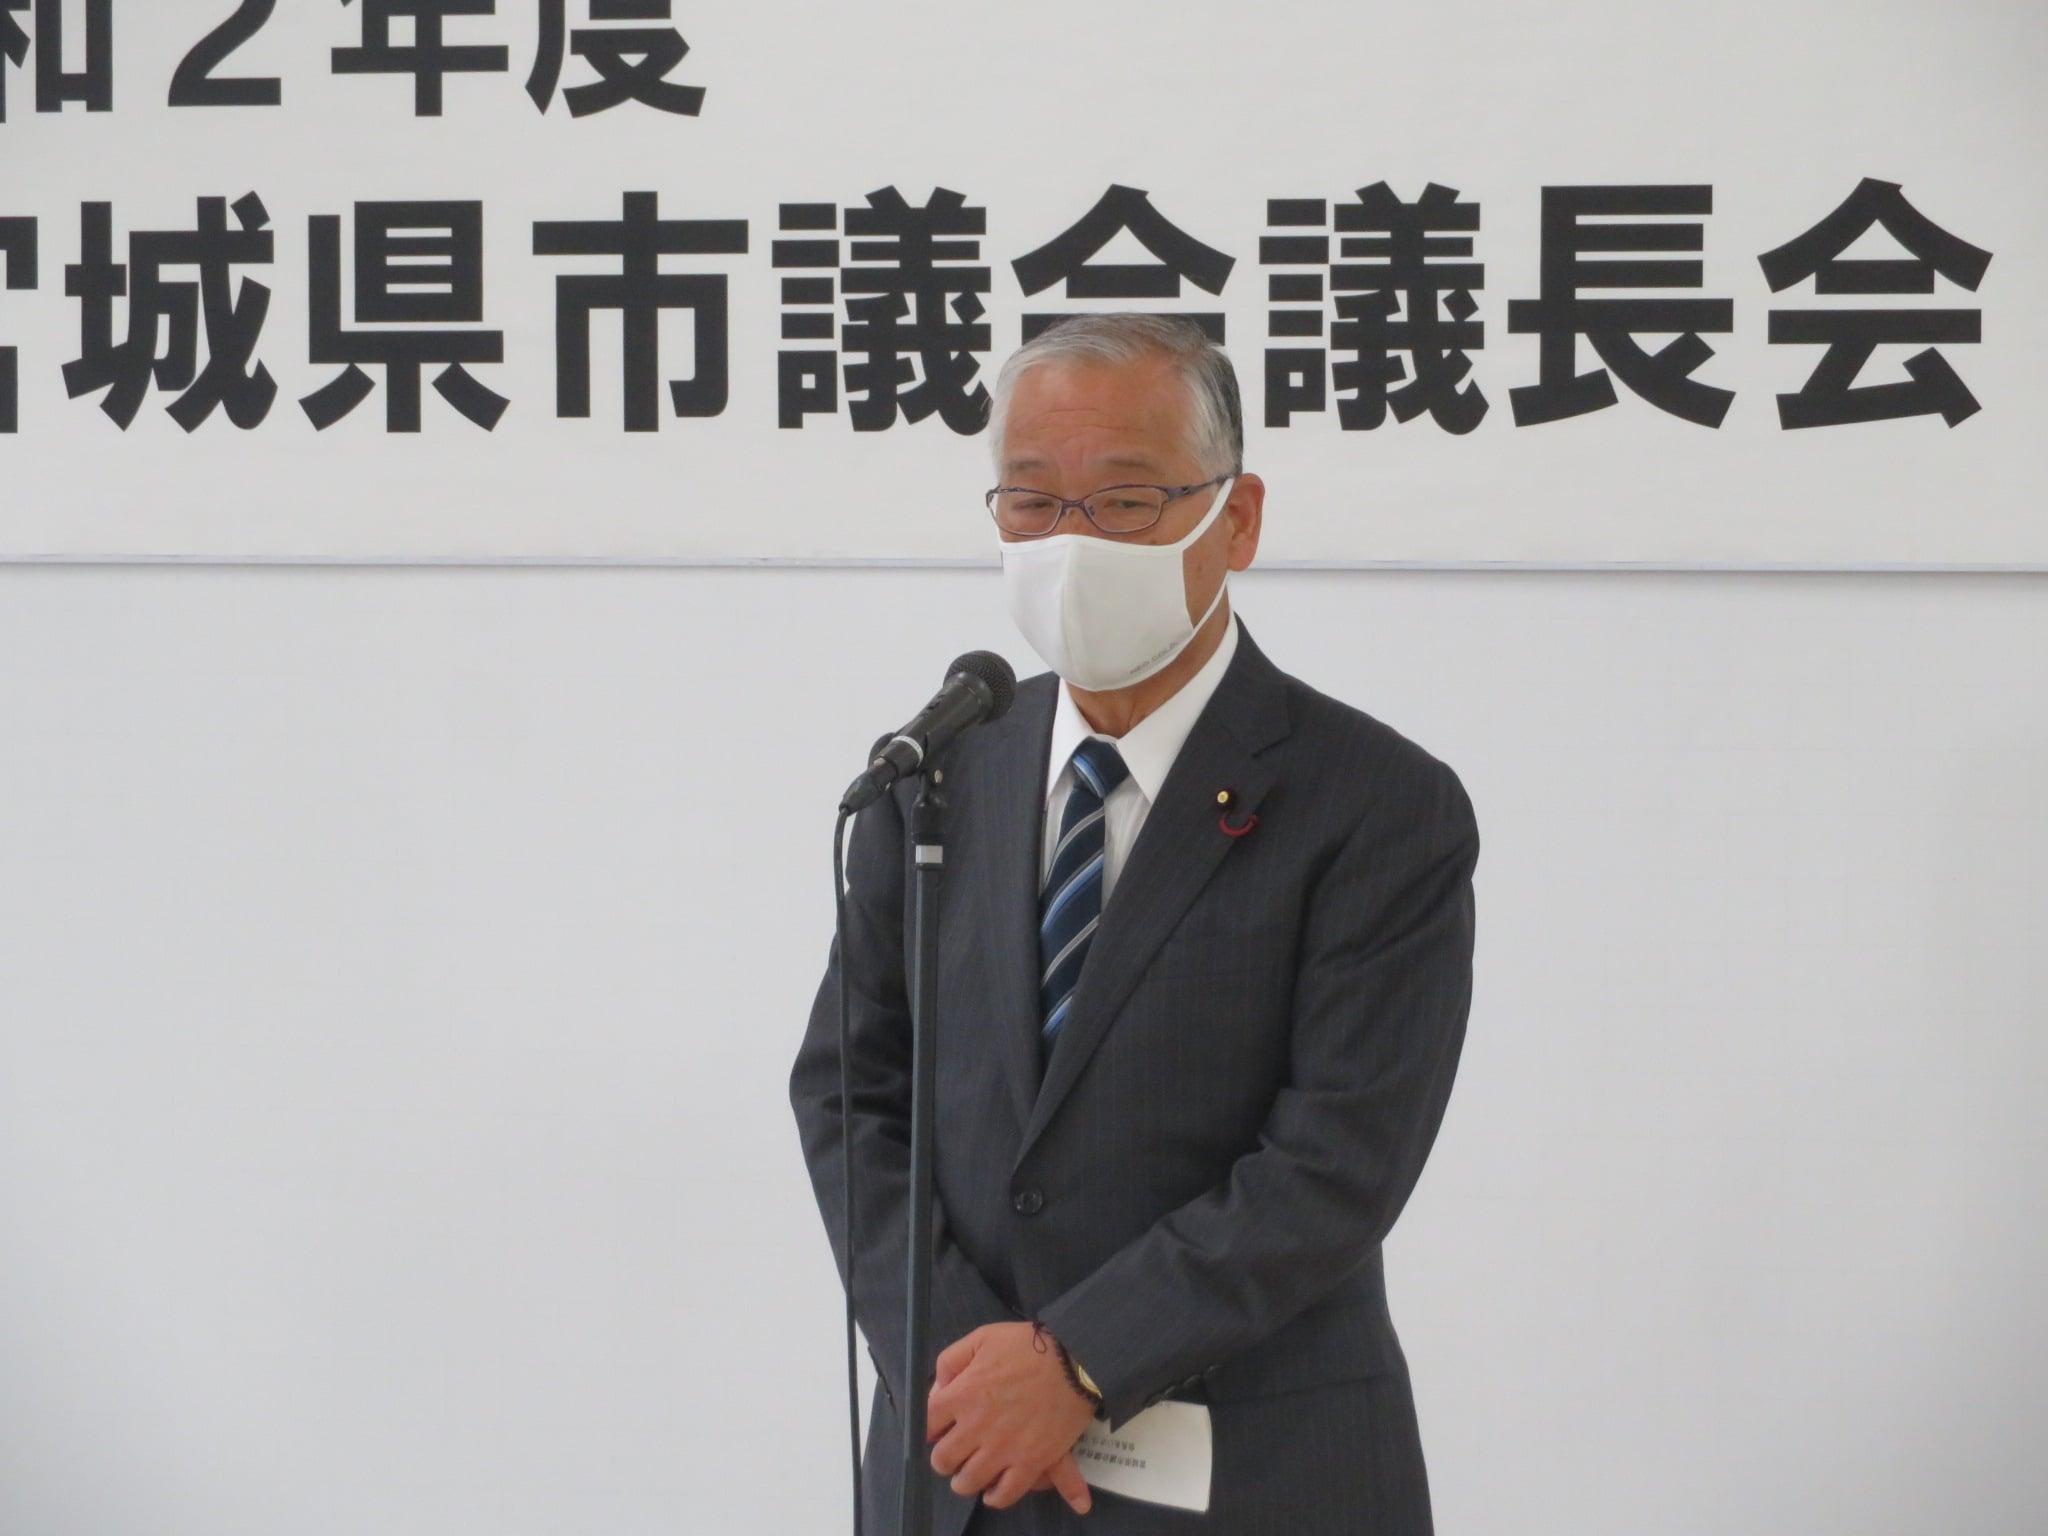 10月15日、令和2年度宮城県市議会議長会秋季定期総会が開催されました。